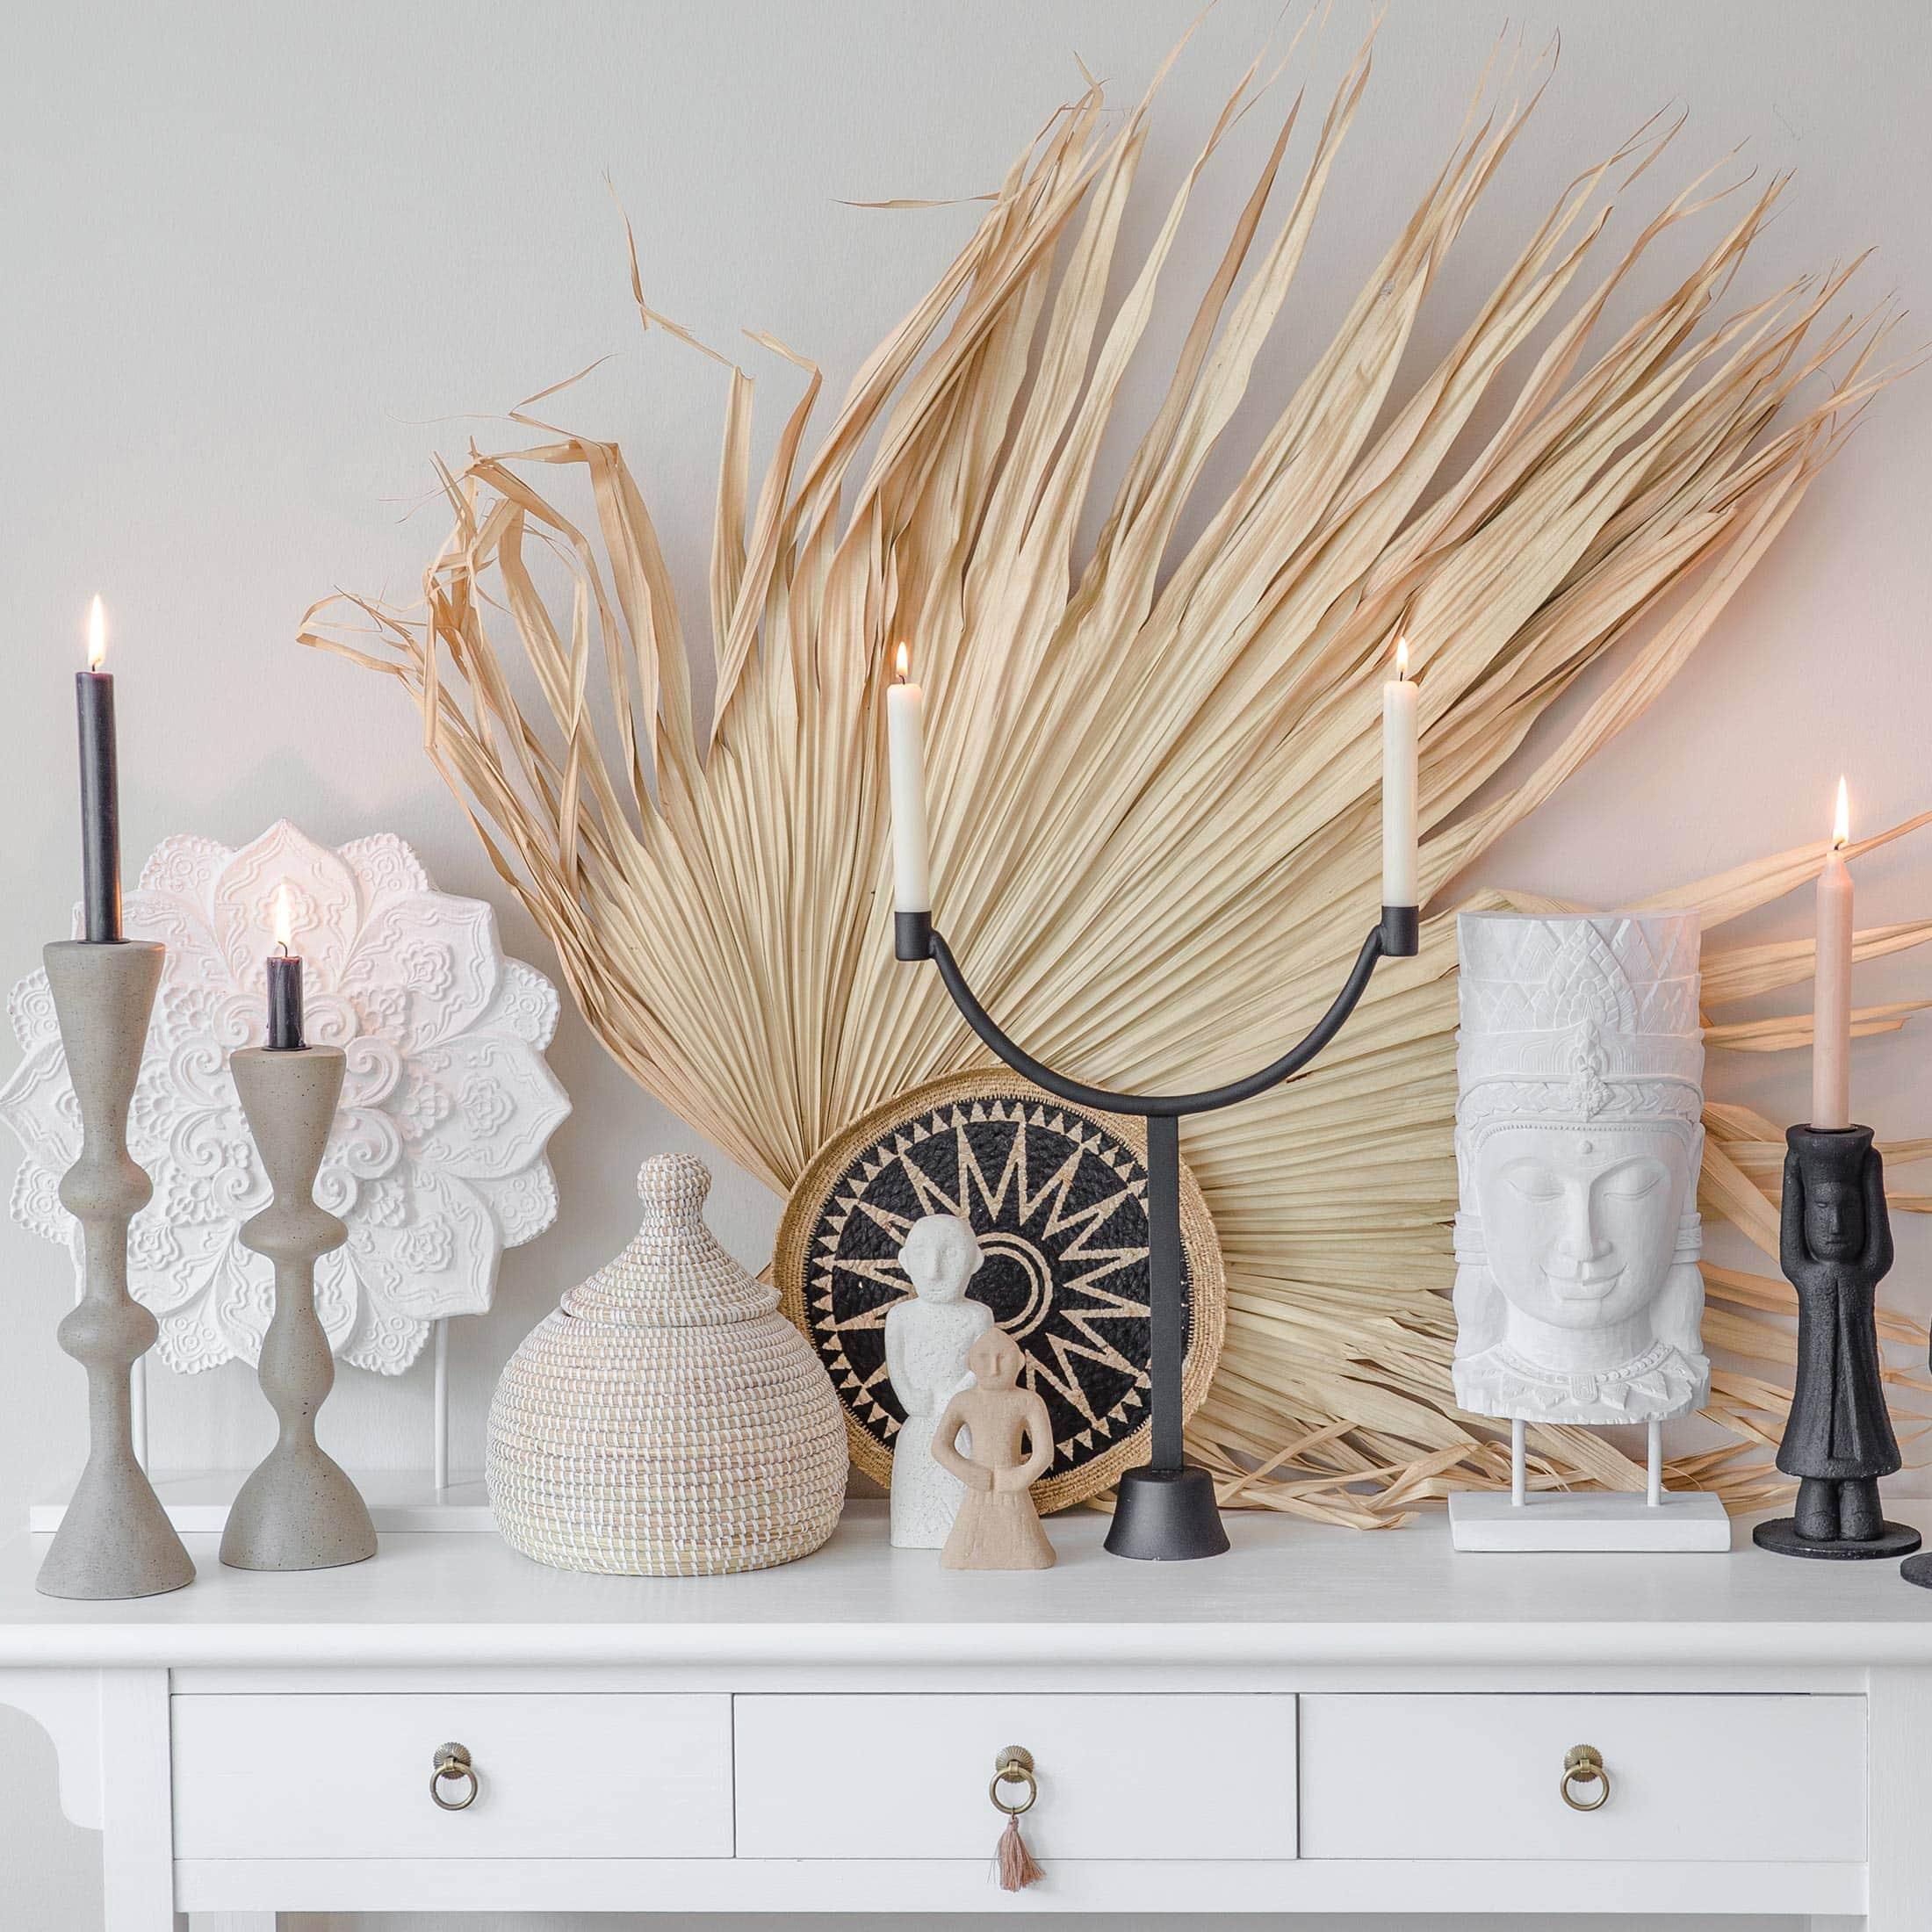 Schwarzer Kerzenleuchter aus Metall von der Marke Urban Nature. Skandinavischer Kerzenständer für 2 Kerzen jetzt bei Soulbirdee kaufen   Netter Service und tolle Wohndeko